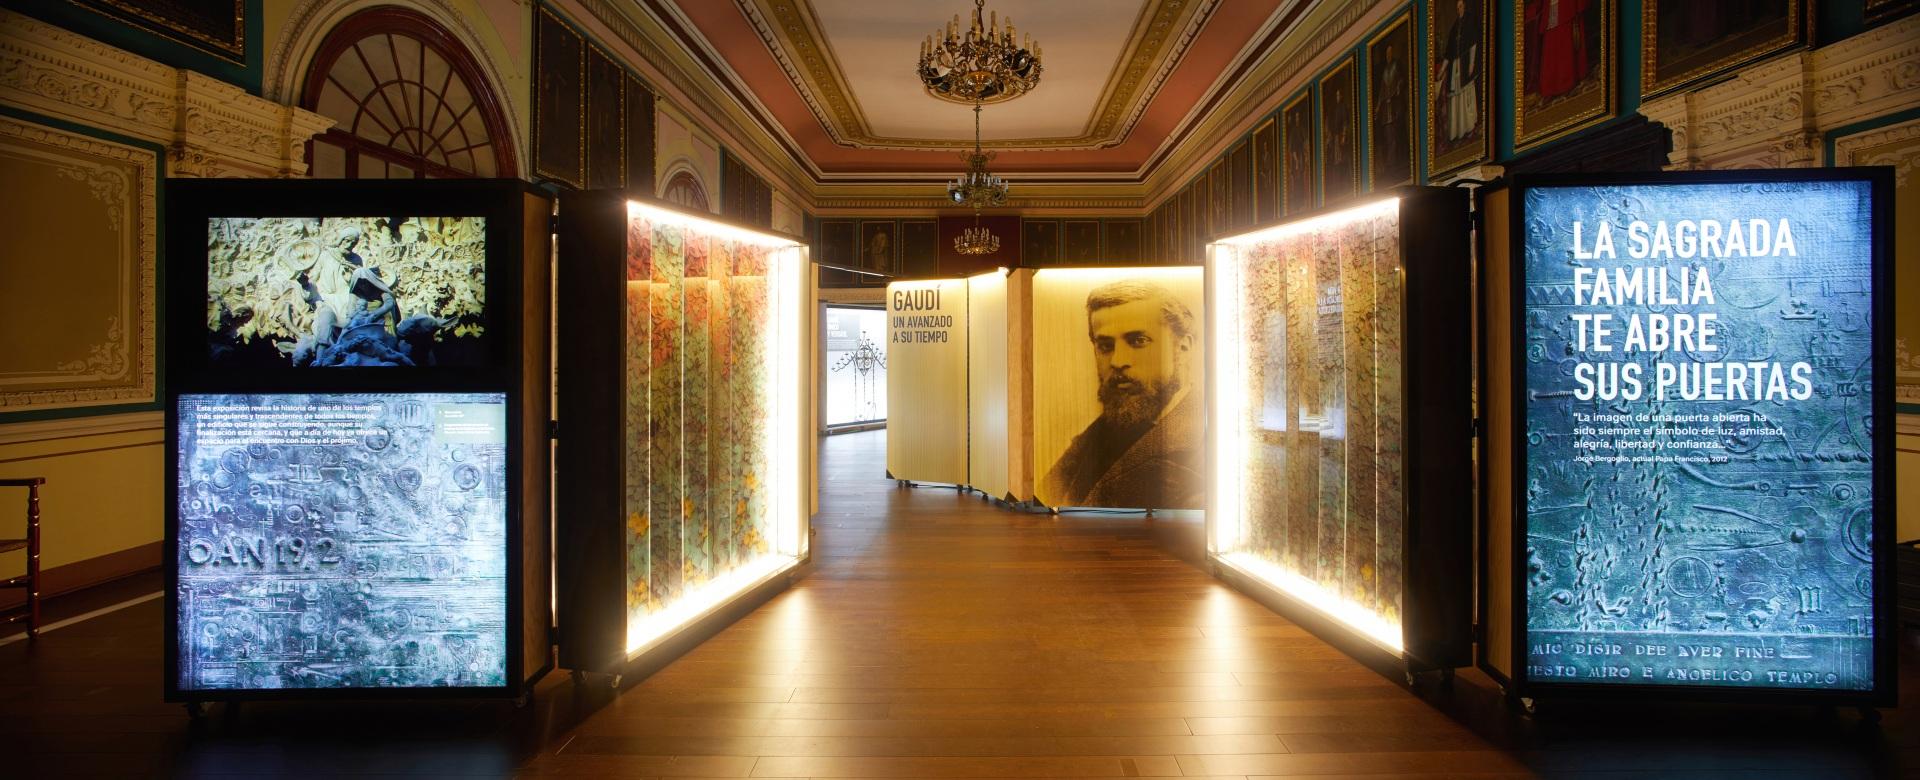 Exposición Gaudí Sagrada Familia. Entrada, puertas, imagen de Gaudí, cajas iluminadas.